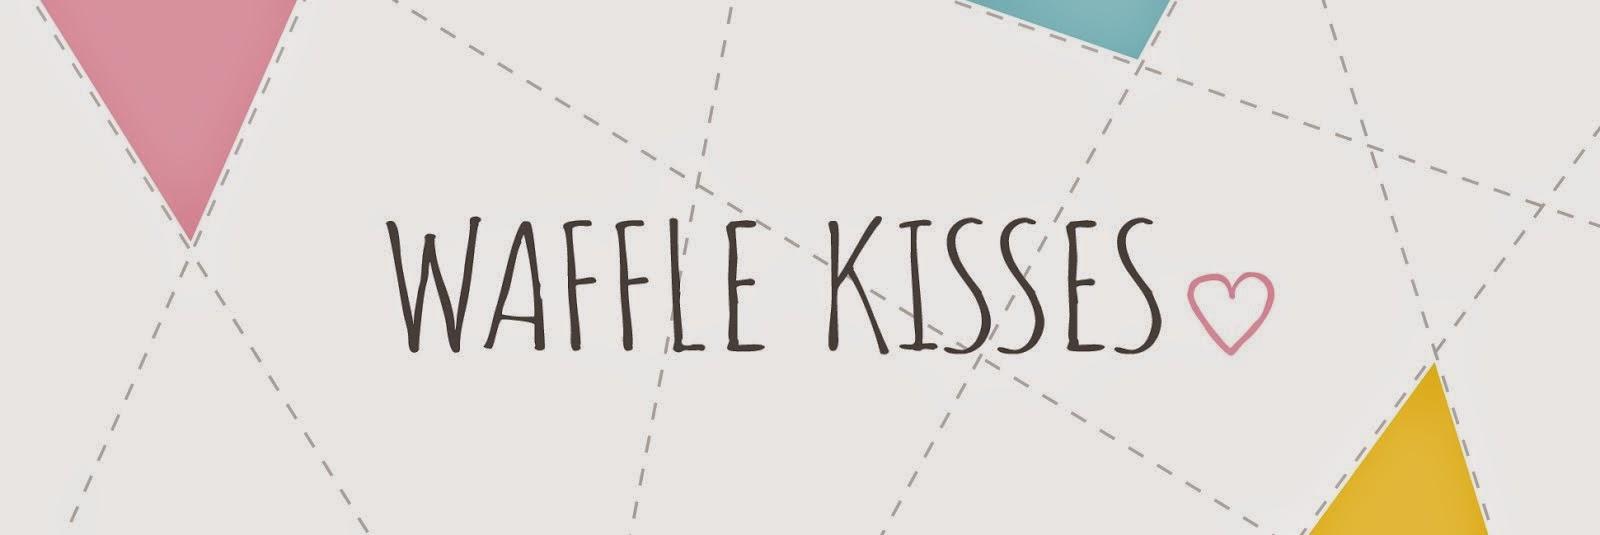 Waffle Kisses